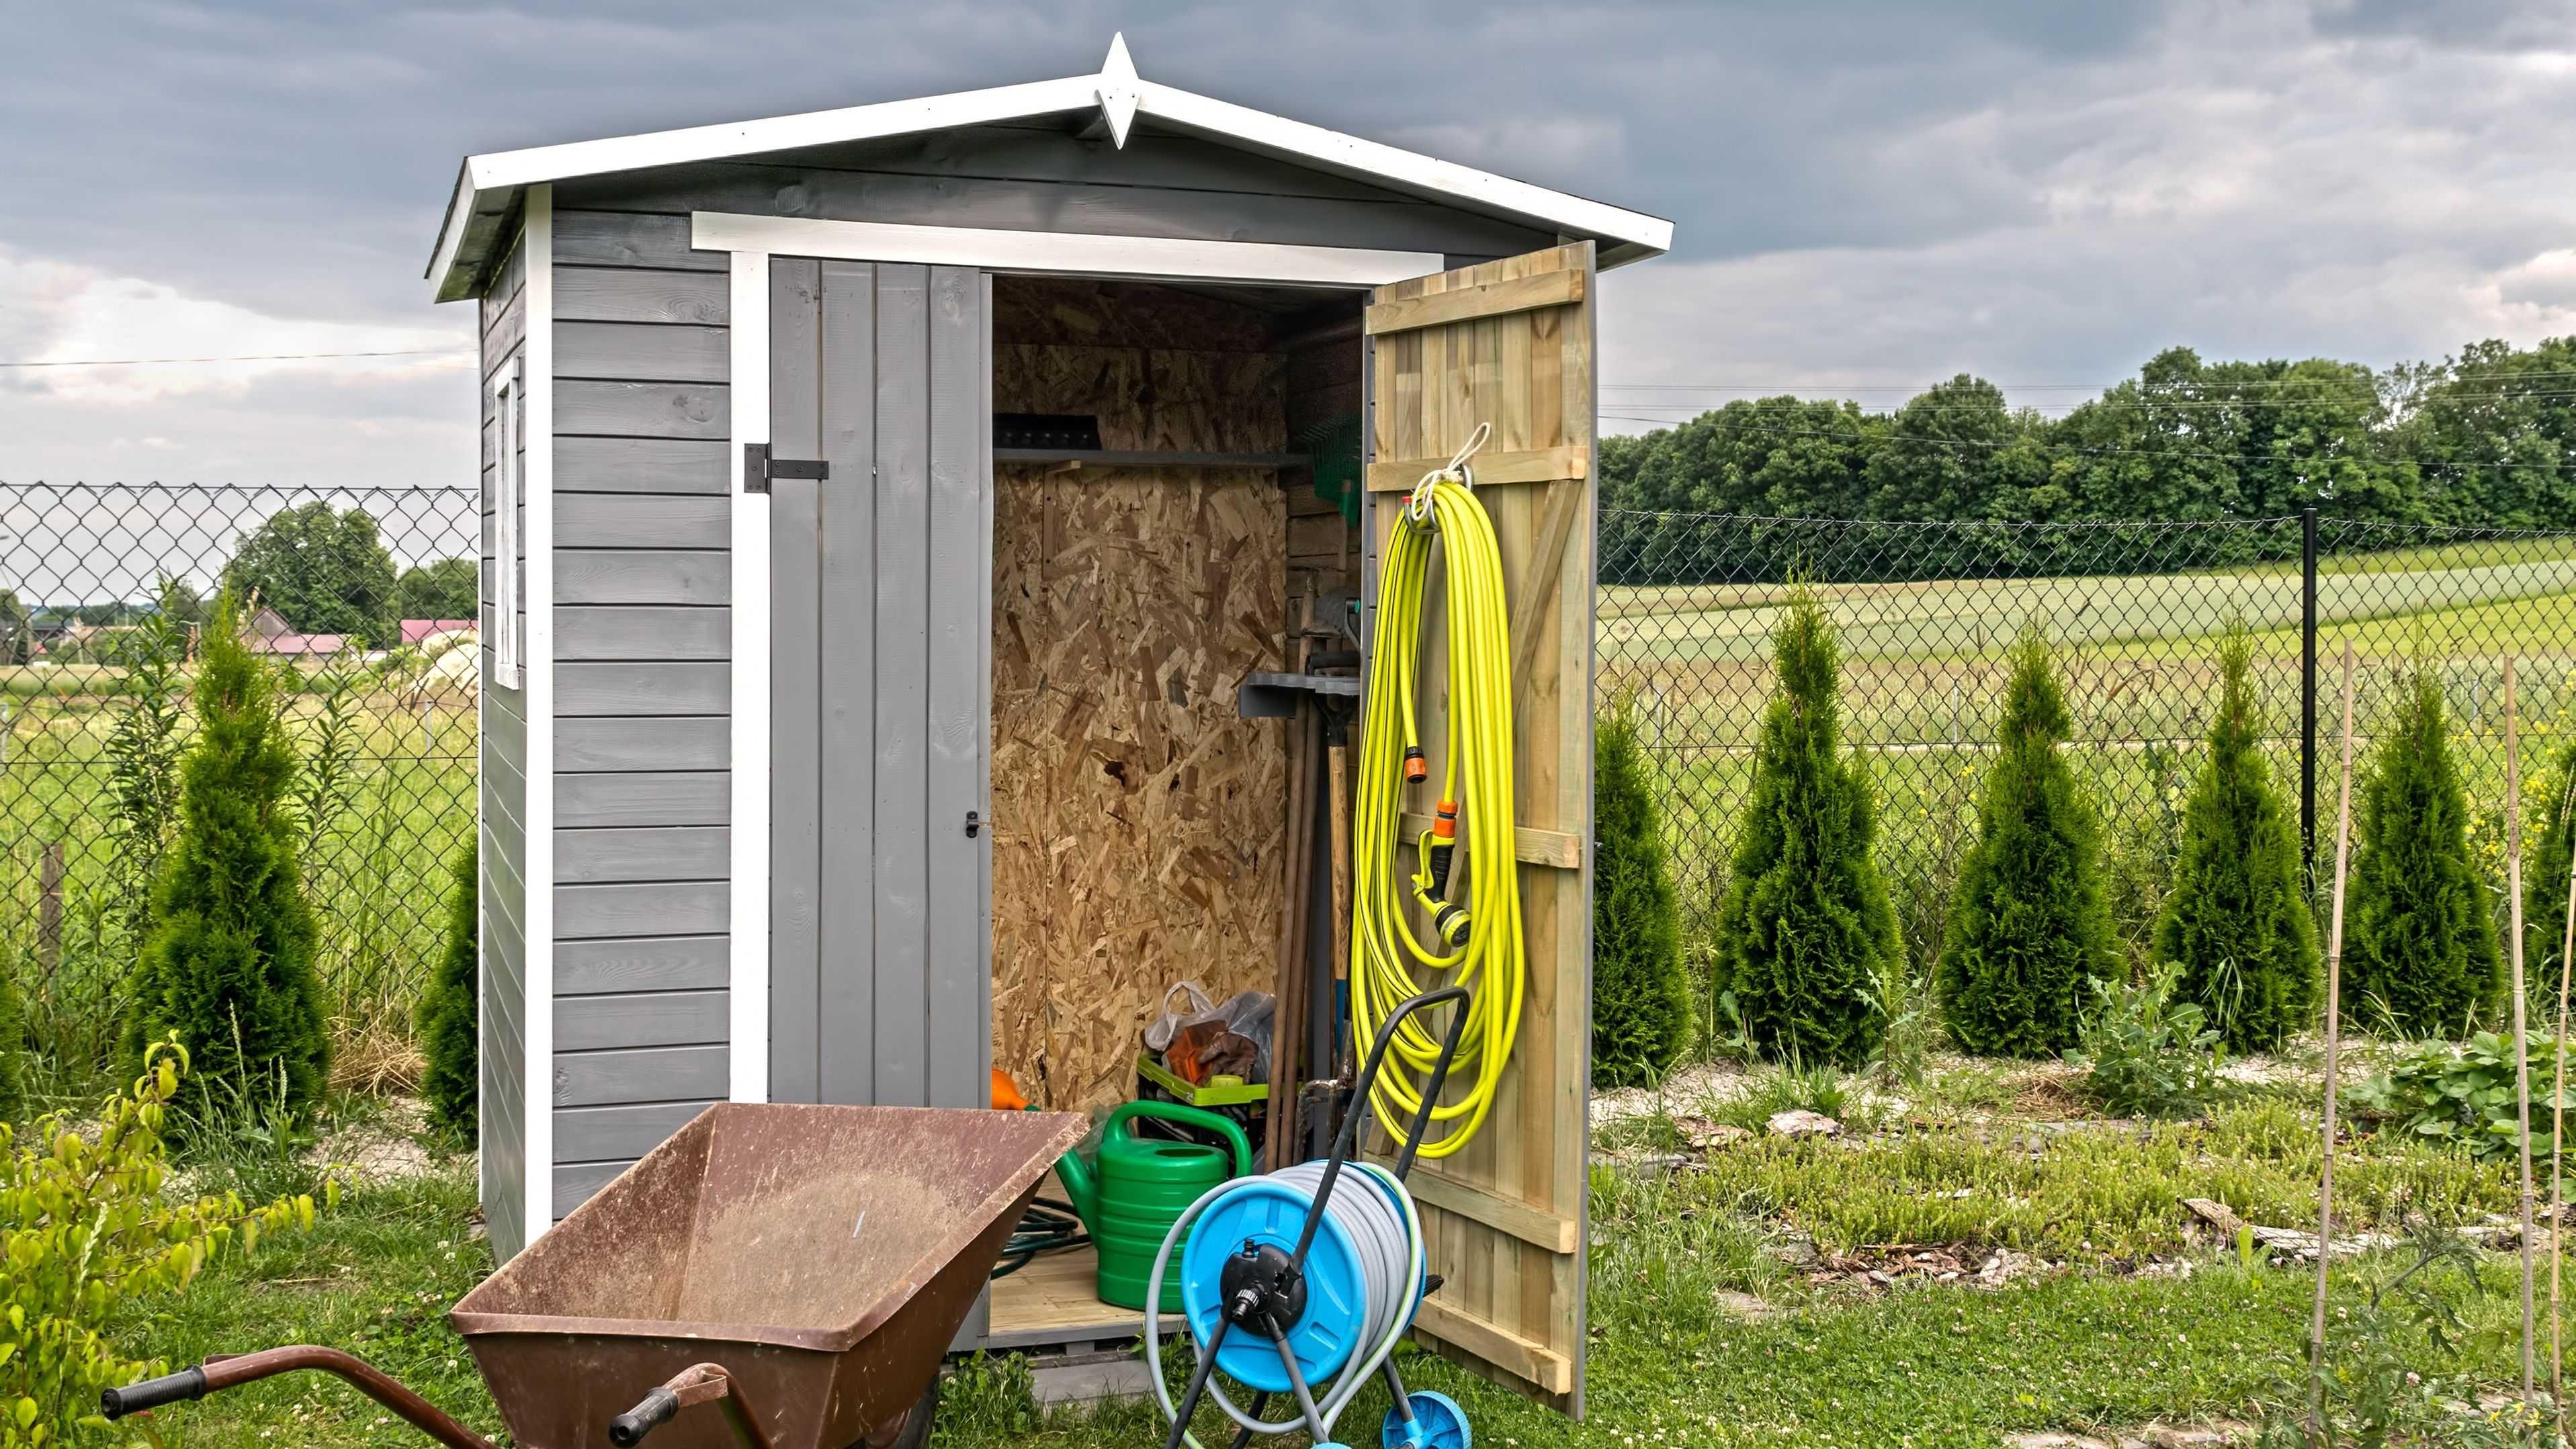 Cómo reparar una caseta de jardín